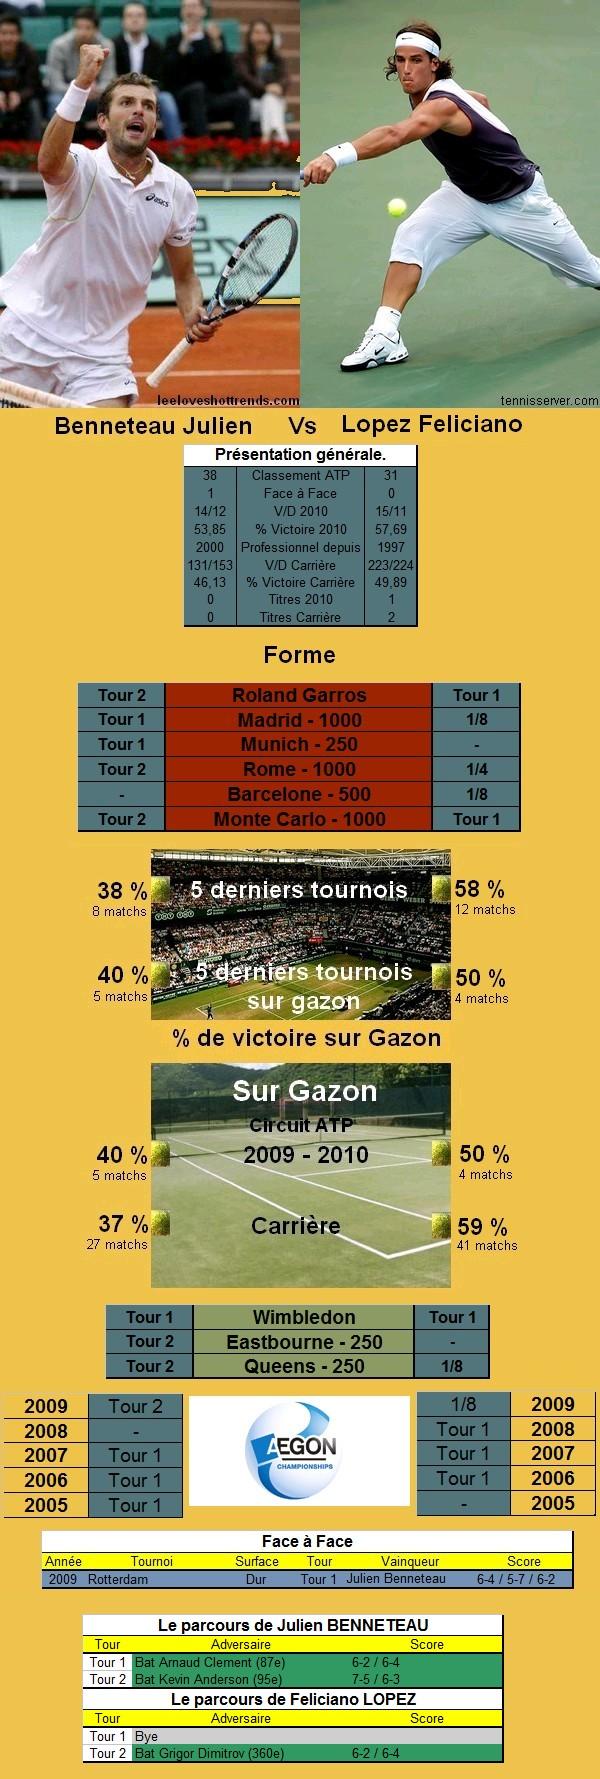 Statistiques tennis Benneteau contre Lopez